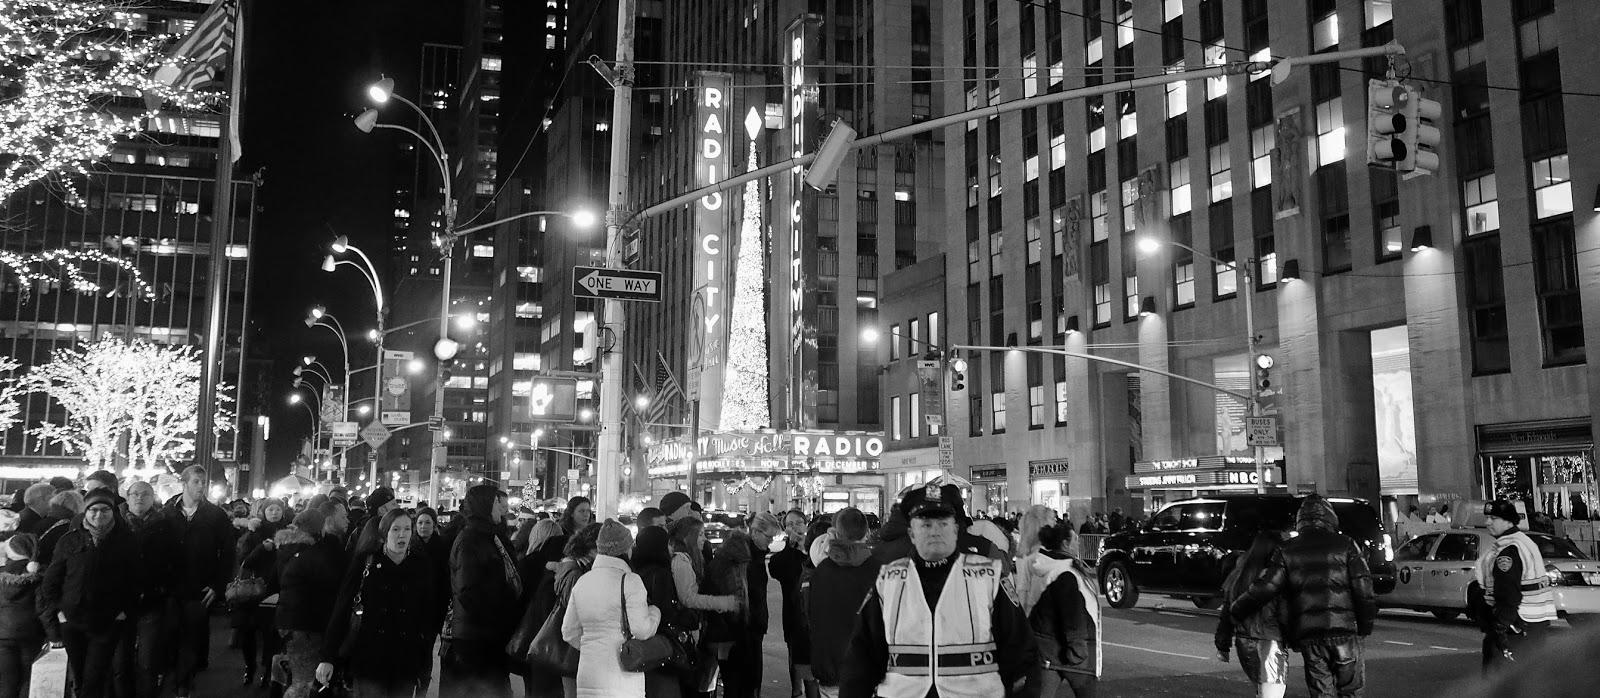 Crowd Control #crowdcontrol #holidays #besttimeoftheyear #nyc ©2014 Nancy Lundebjerg